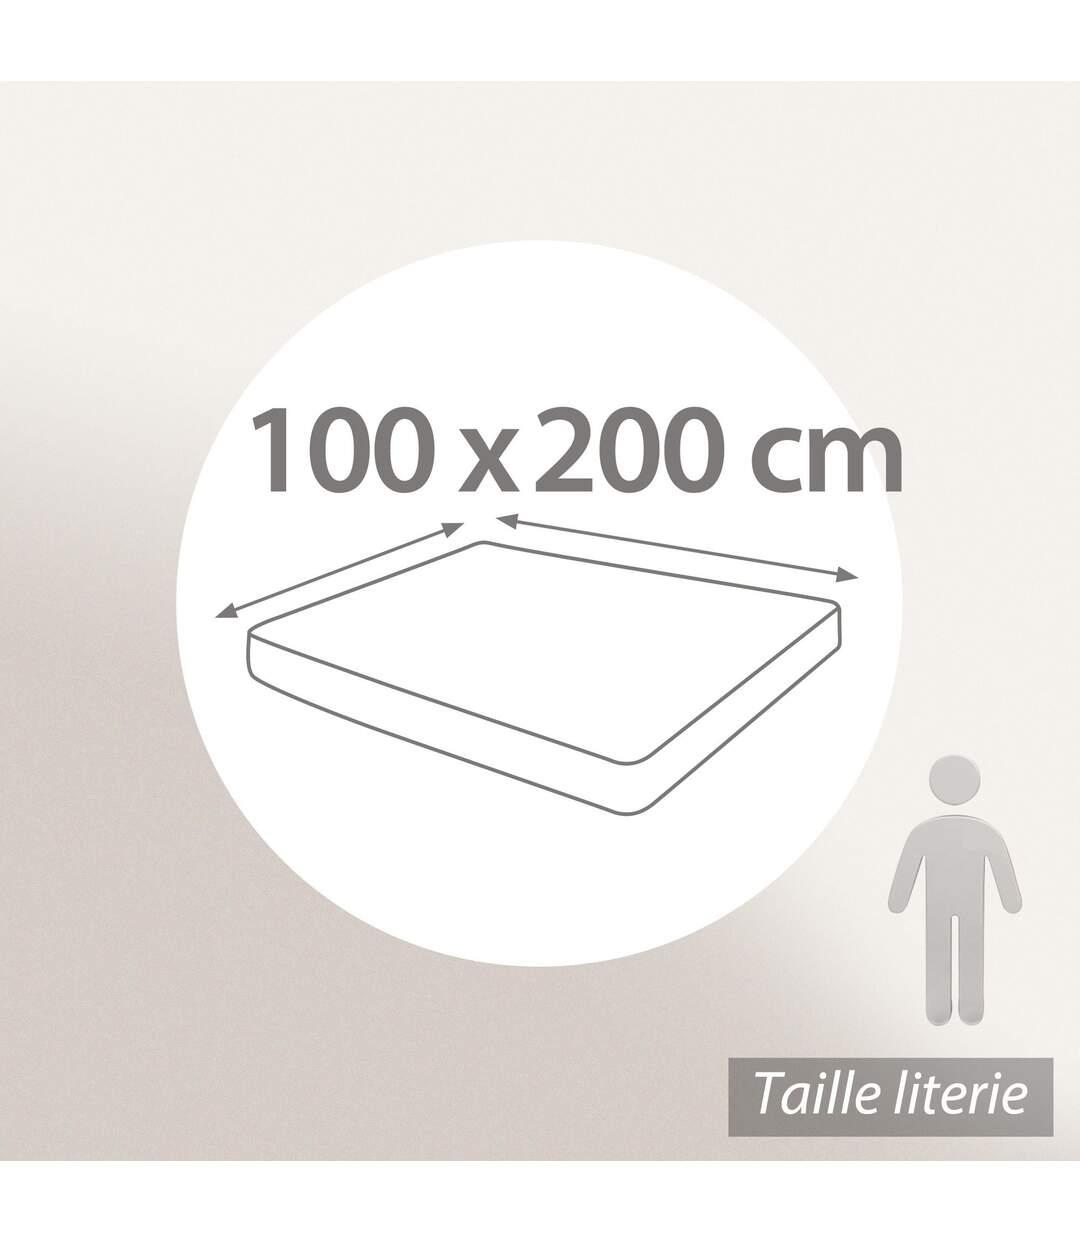 Protège matelas 100x200 cm ACHUA Molleton 100% coton 400 g/m2 bonnet 50cm